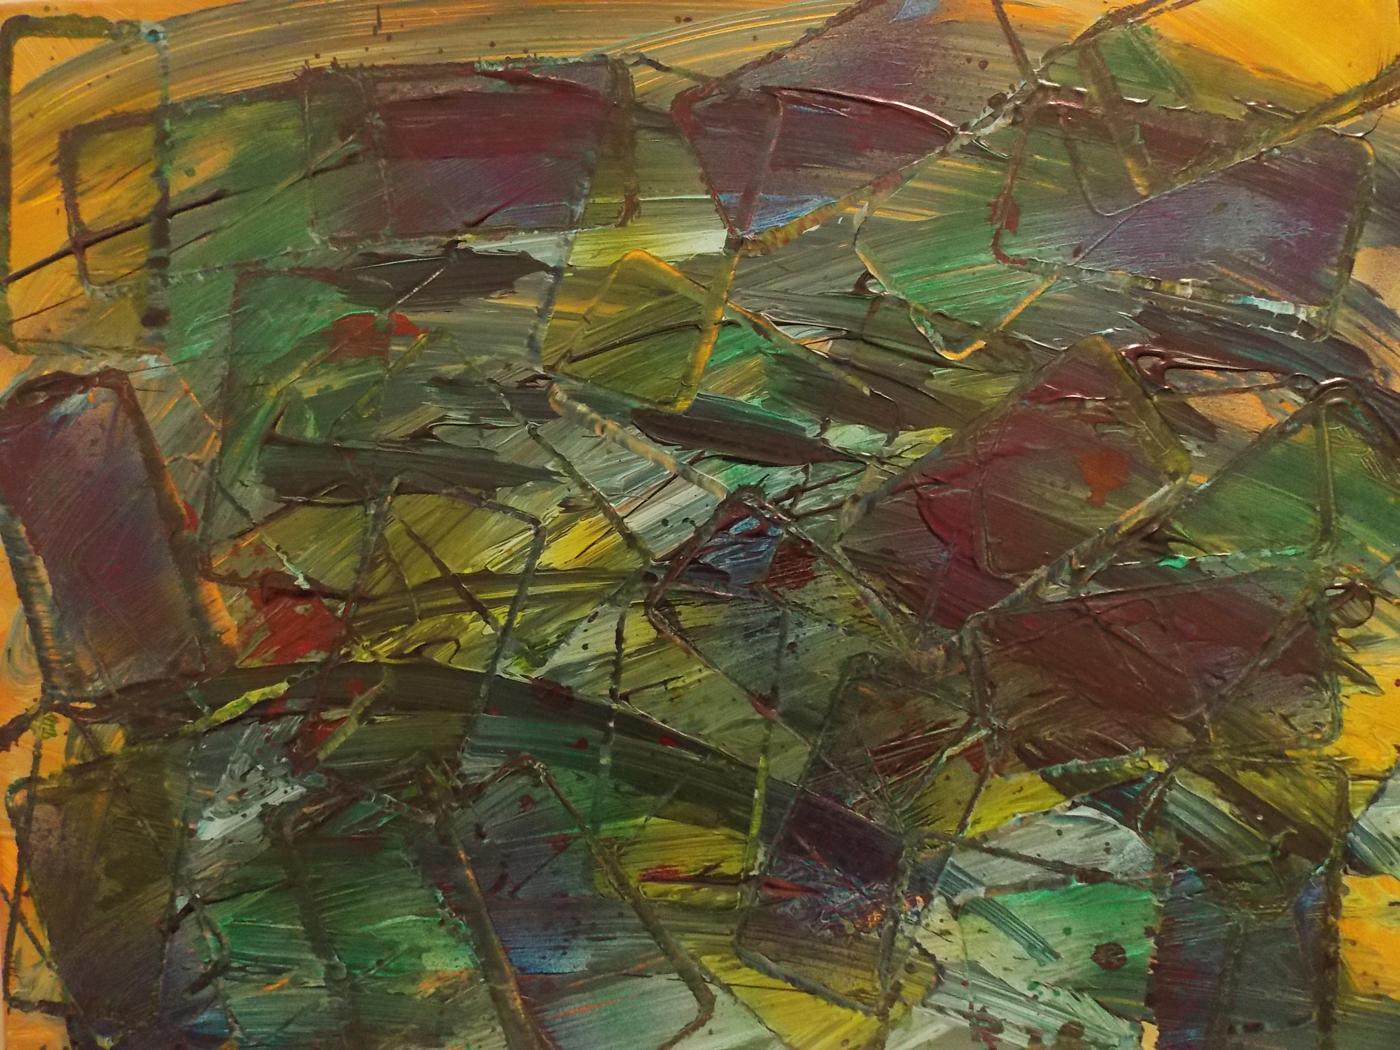 dalia_moireau-london_art_biennale_01.jpg